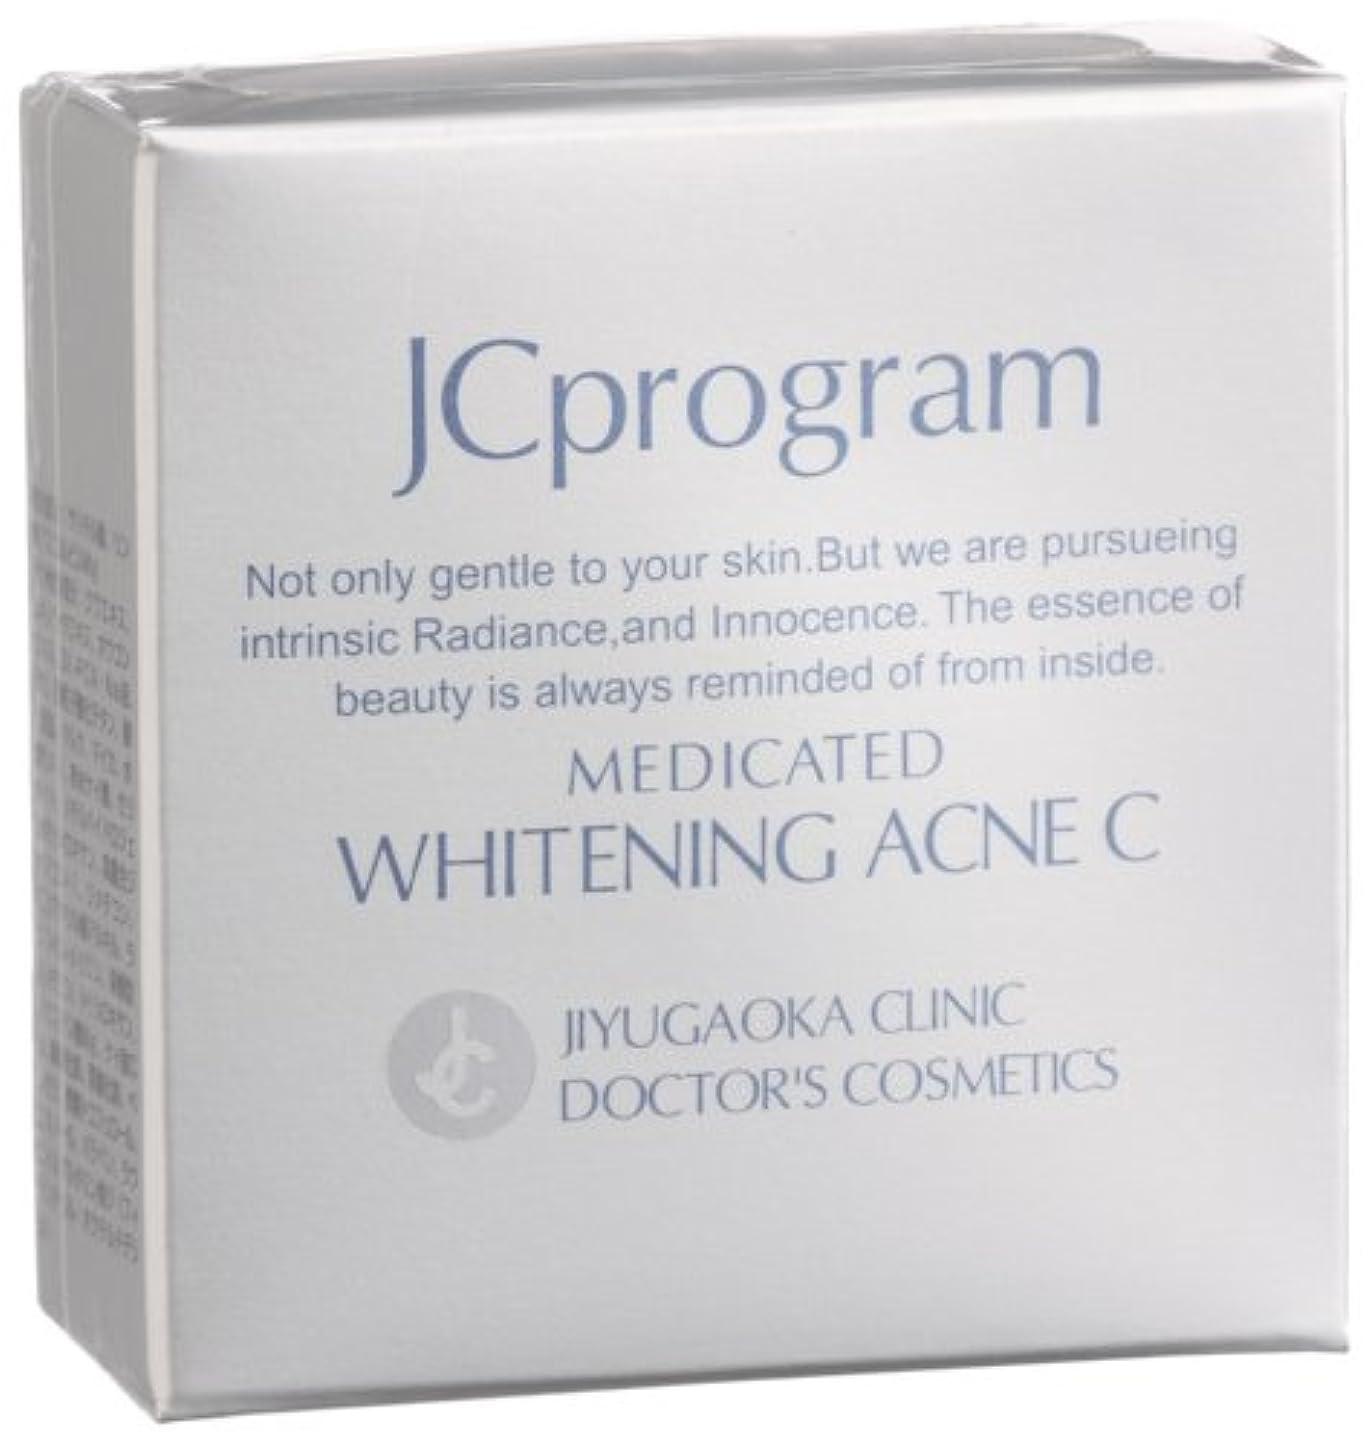 スペード怒って明確にJCprogram  薬用ホワイトニングアクネC